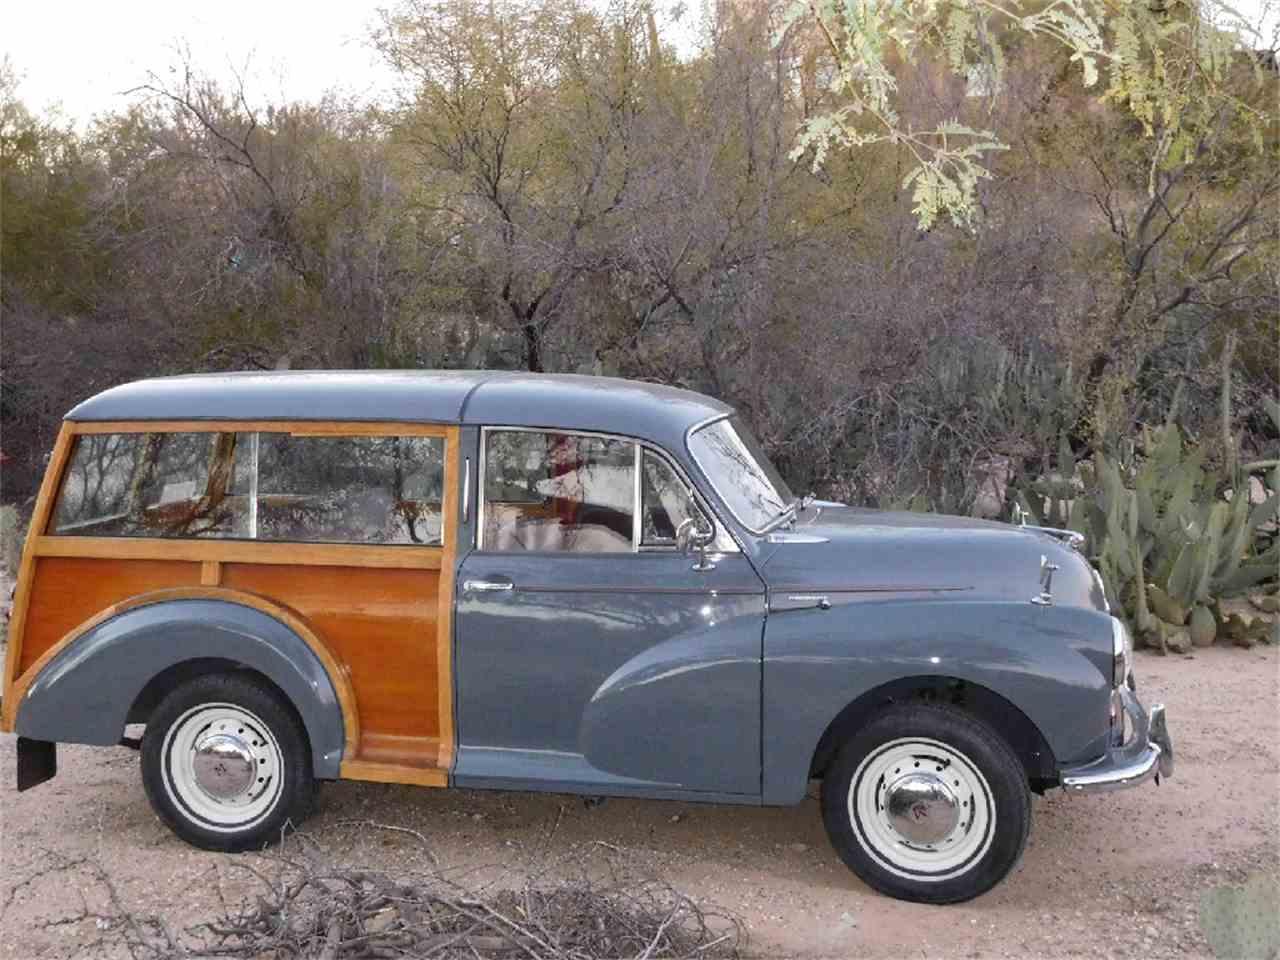 1959 Morris Minor Wiring Diagram Classiccarscom Design